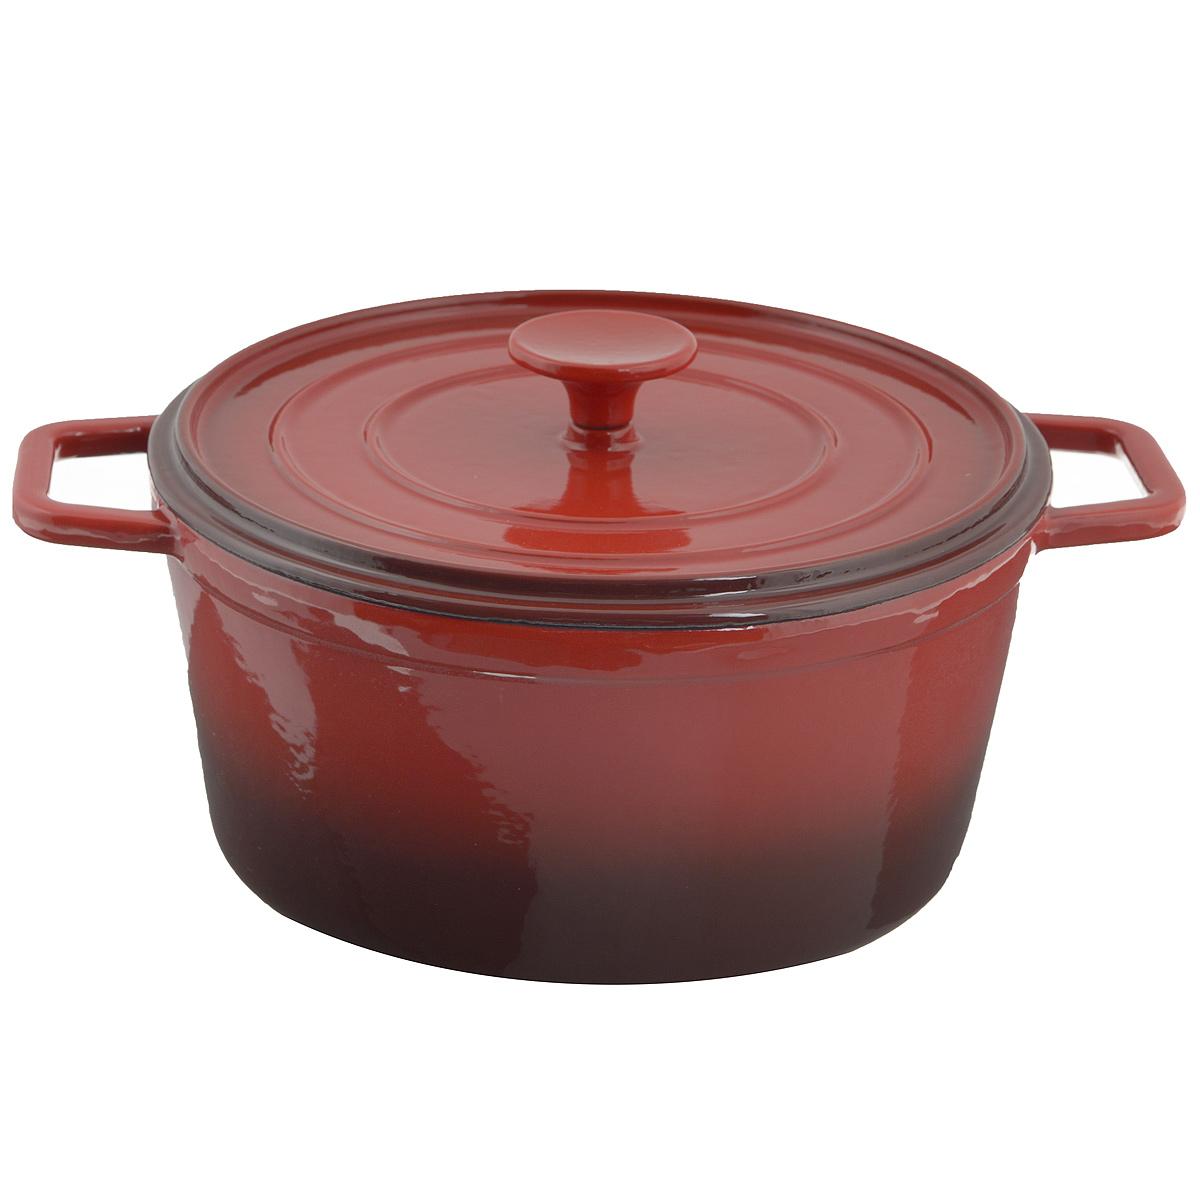 Кастрюля Mayer & Boch с крышкой, с эмалевым покрытием, 4,2 л22050Кастрюля Mayer & Boch, изготовленная из чугуна, идеально подходит для приготовления вкусных тушеных блюд. Она имеет внутреннее стекловидное эмалевое покрытие. Чугун является традиционным высокопрочным, экологически чистым материалом. Причем, чем дольше и чаще вы пользуетесь этой посудой, тем лучше становятся ее свойства. Высокая теплоемкость чугуна позволяет ему сильно нагреваться и медленно остывать, а это в свою очередь обеспечивает равномерное приготовление пищи. Чугун не вступает в какие-либо химические реакции с пищей в процессе приготовления и хранения, а плотное покрытие - безупречное препятствие для бактерий и запахов. Пища, приготовленная в чугунной посуде, благодаря экологической чистоте материала не может нанести вред здоровью человека. Кастрюля оснащена двумя удобными ручками. Крышка изготовлена из чугуна. Она плотно прилегает к краю казана, сохраняя аромат блюд. Можно использовать в духовом шкафу. Нельзя мыть в посудомоечной машине. Высота стенки: 11 см. ...